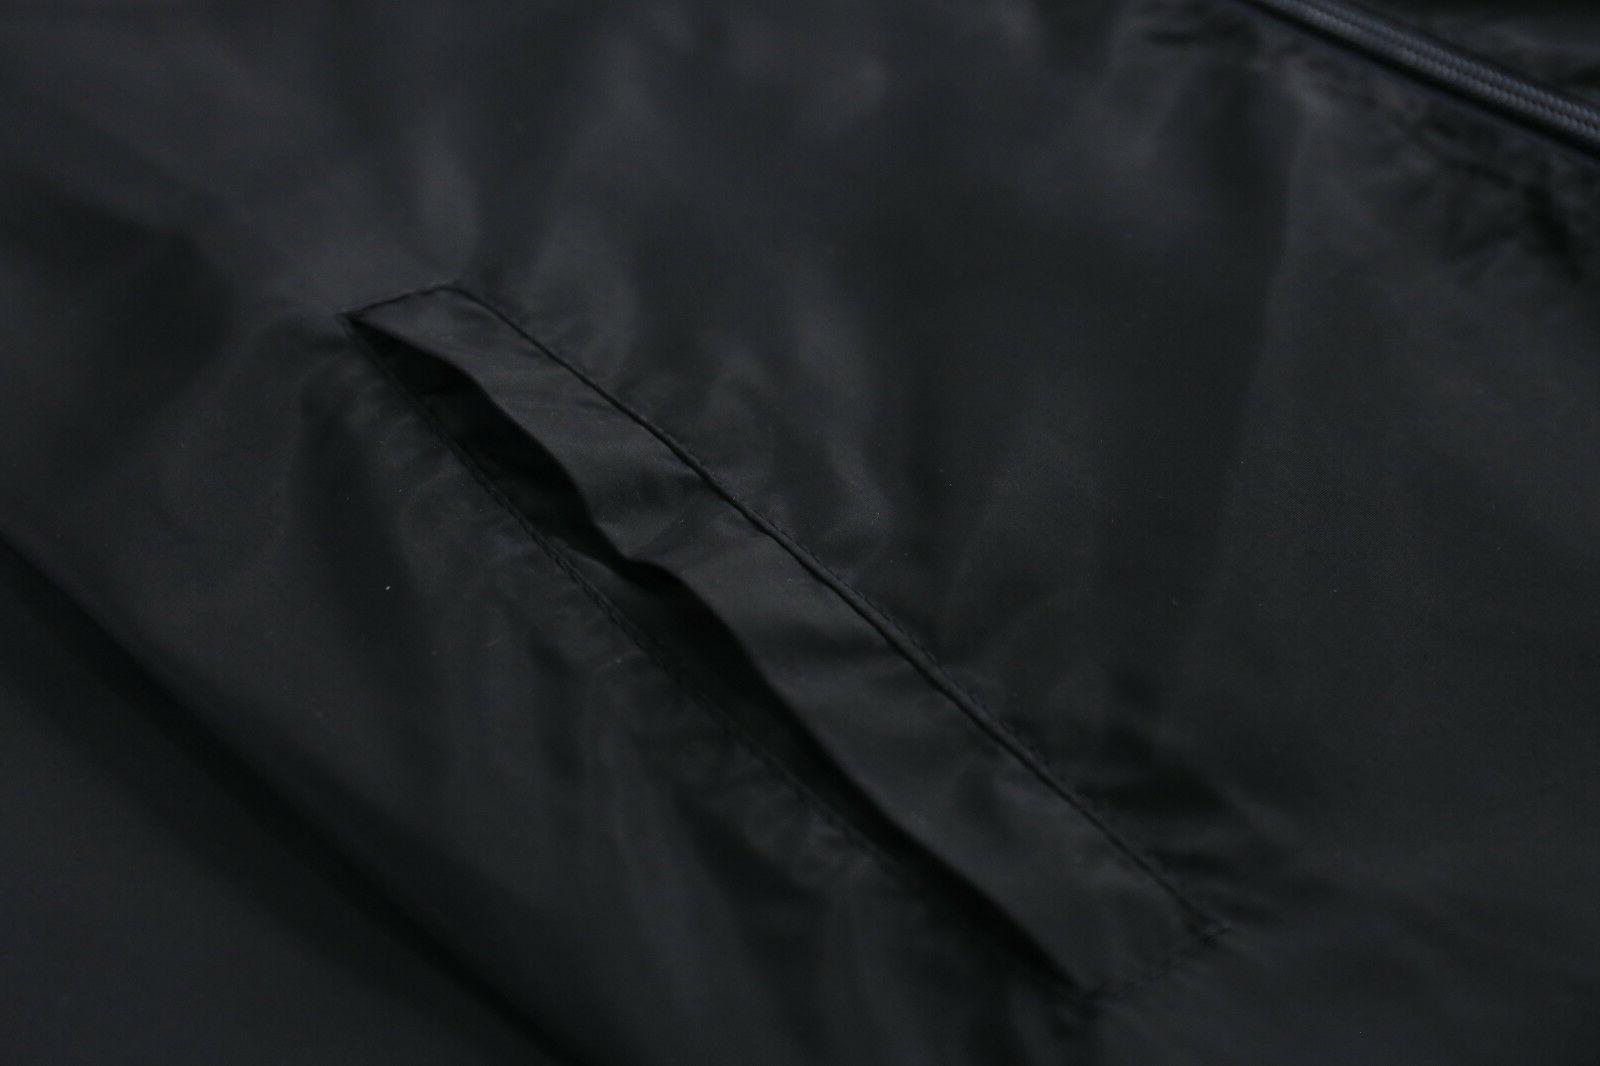 Men's Windbreaker Windproof Outdoor Teal Black